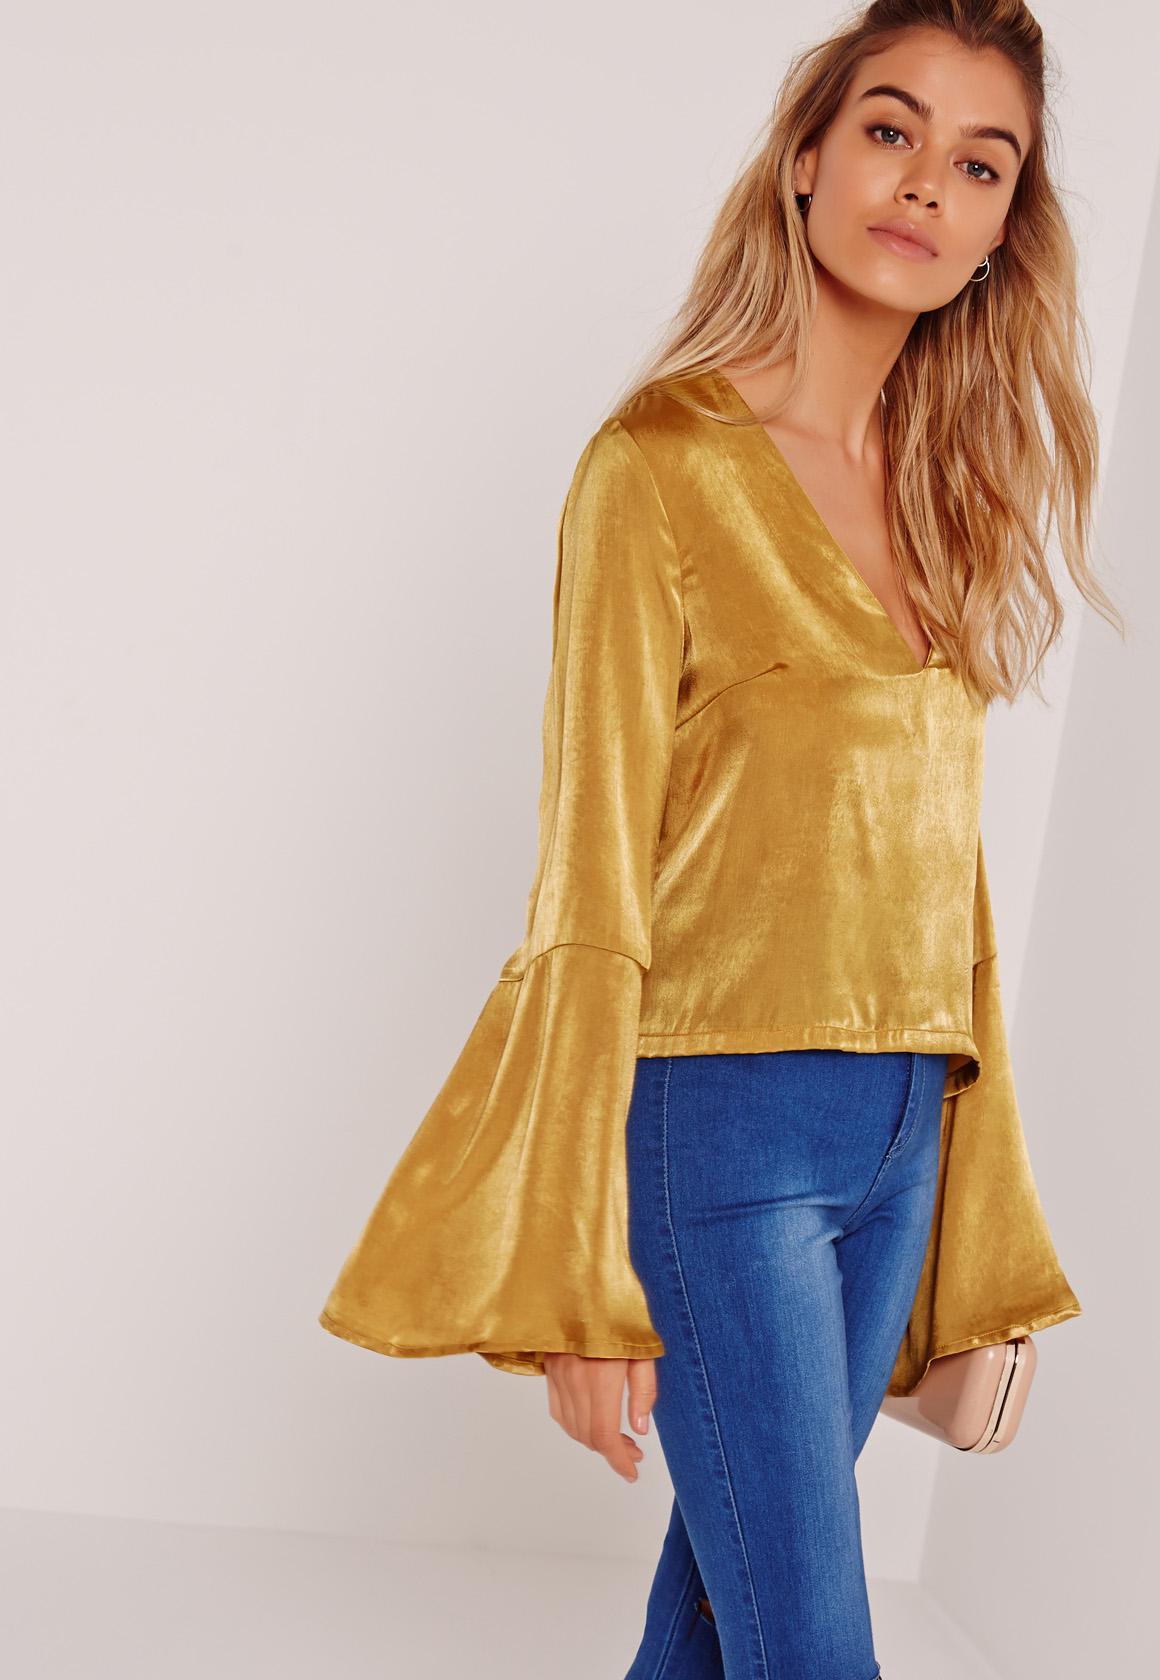 Желтая блузка с широкими рукавами